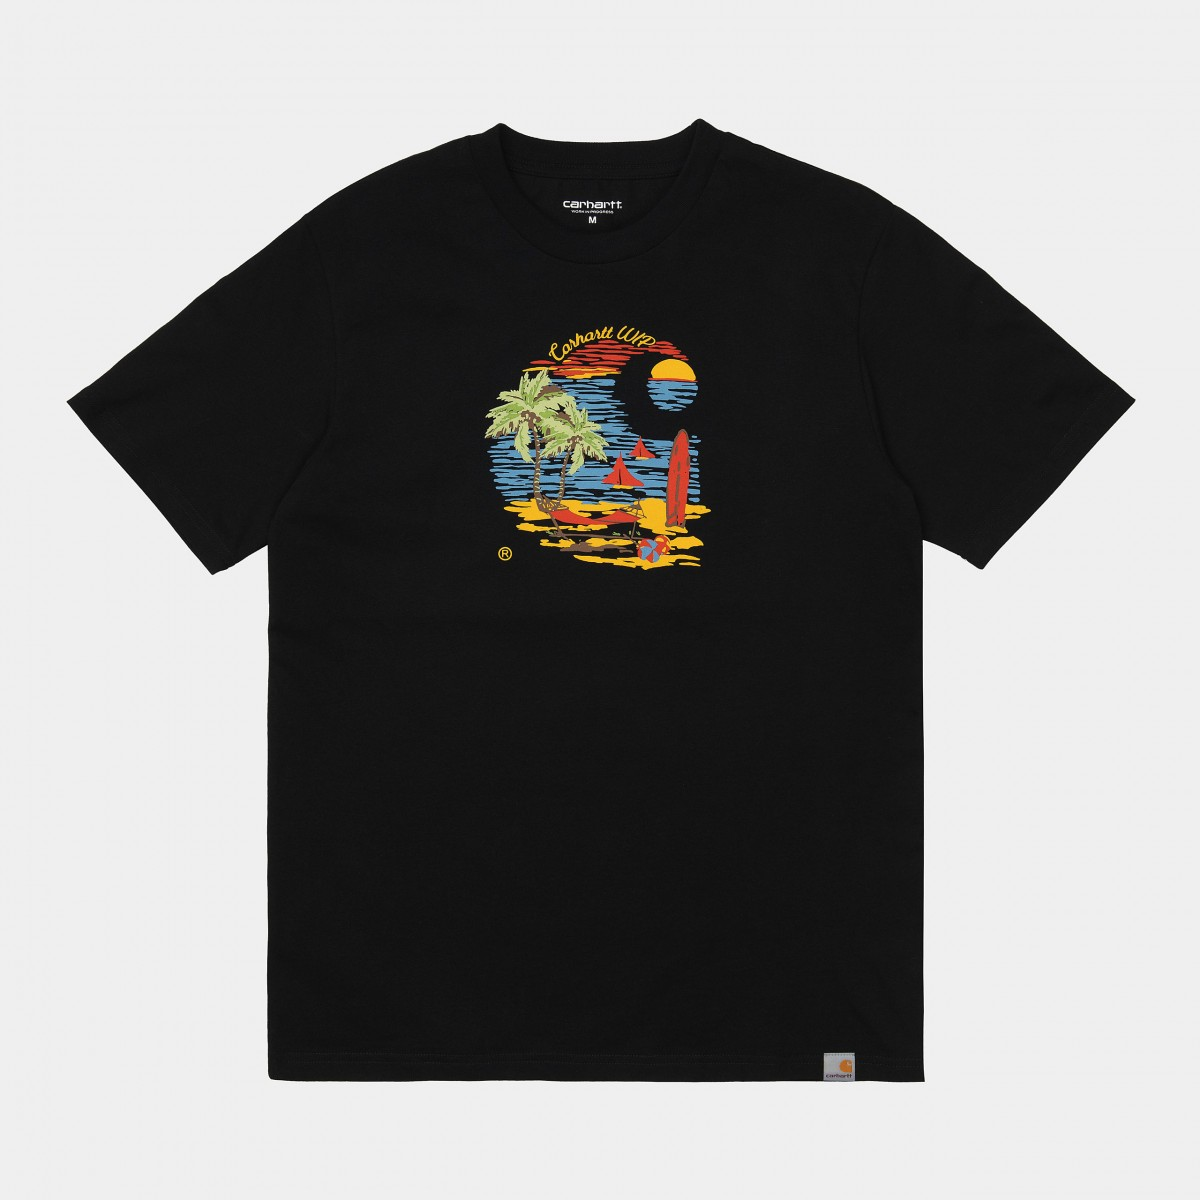 Carhartt WIP - T-Shirt noir homme Beach